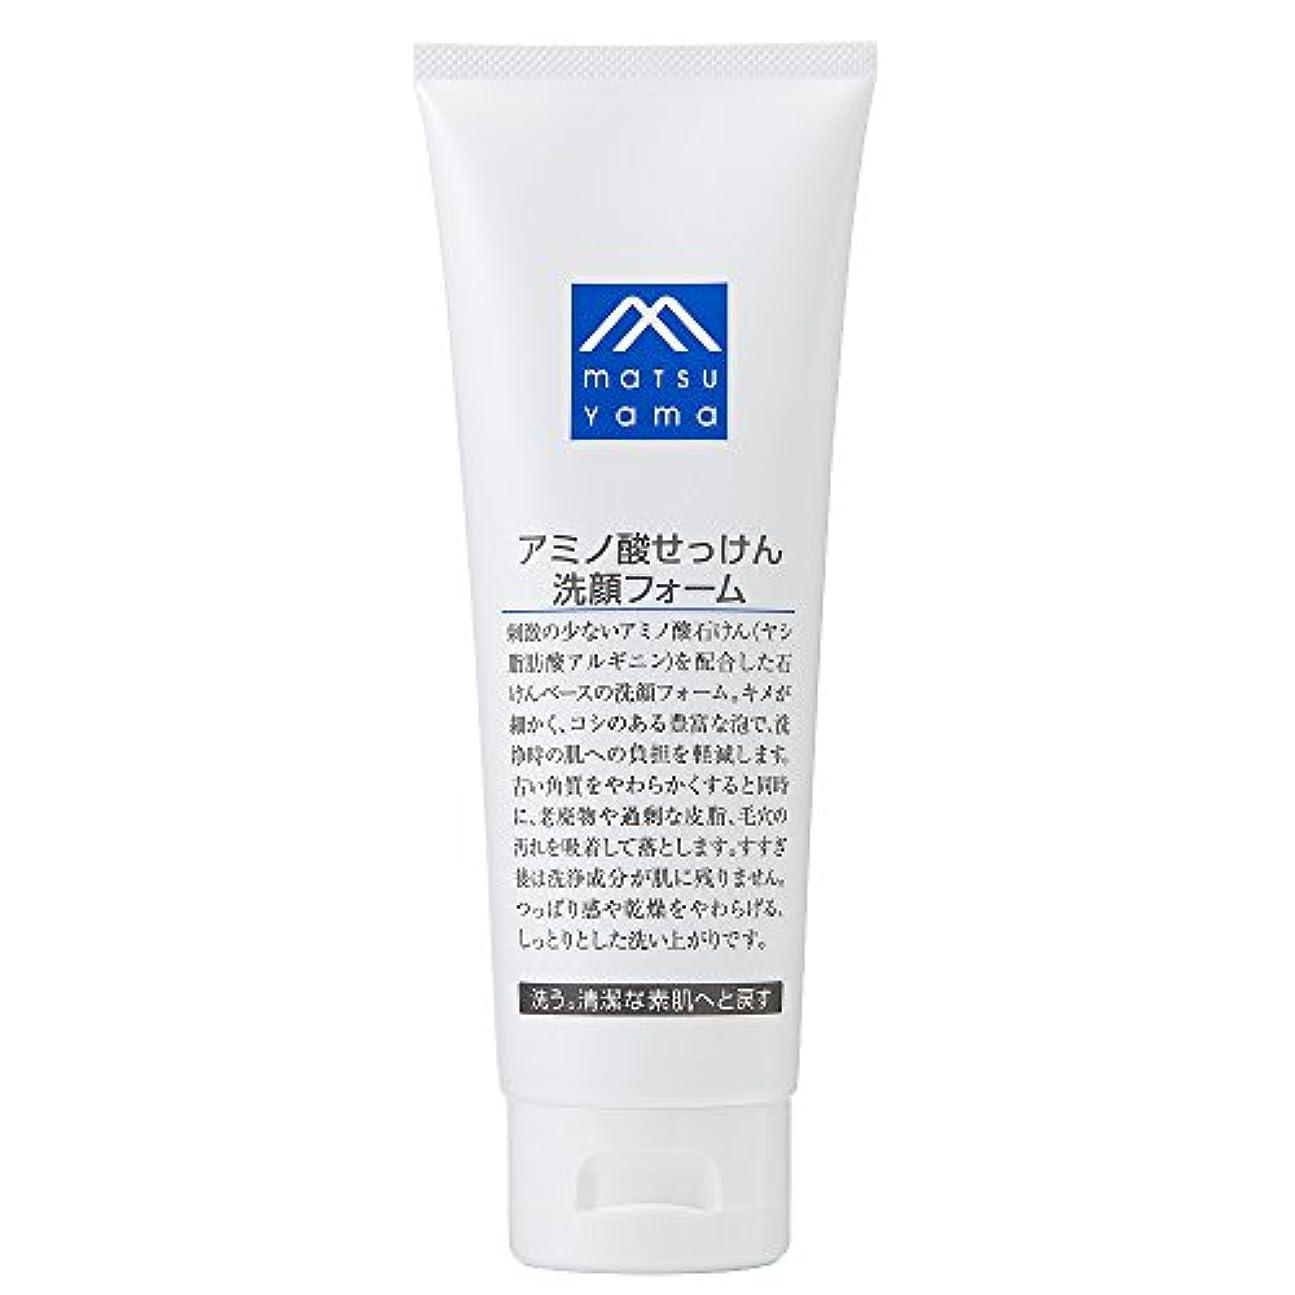 単なる分子新しい意味M-mark アミノ酸せっけん洗顔フォーム